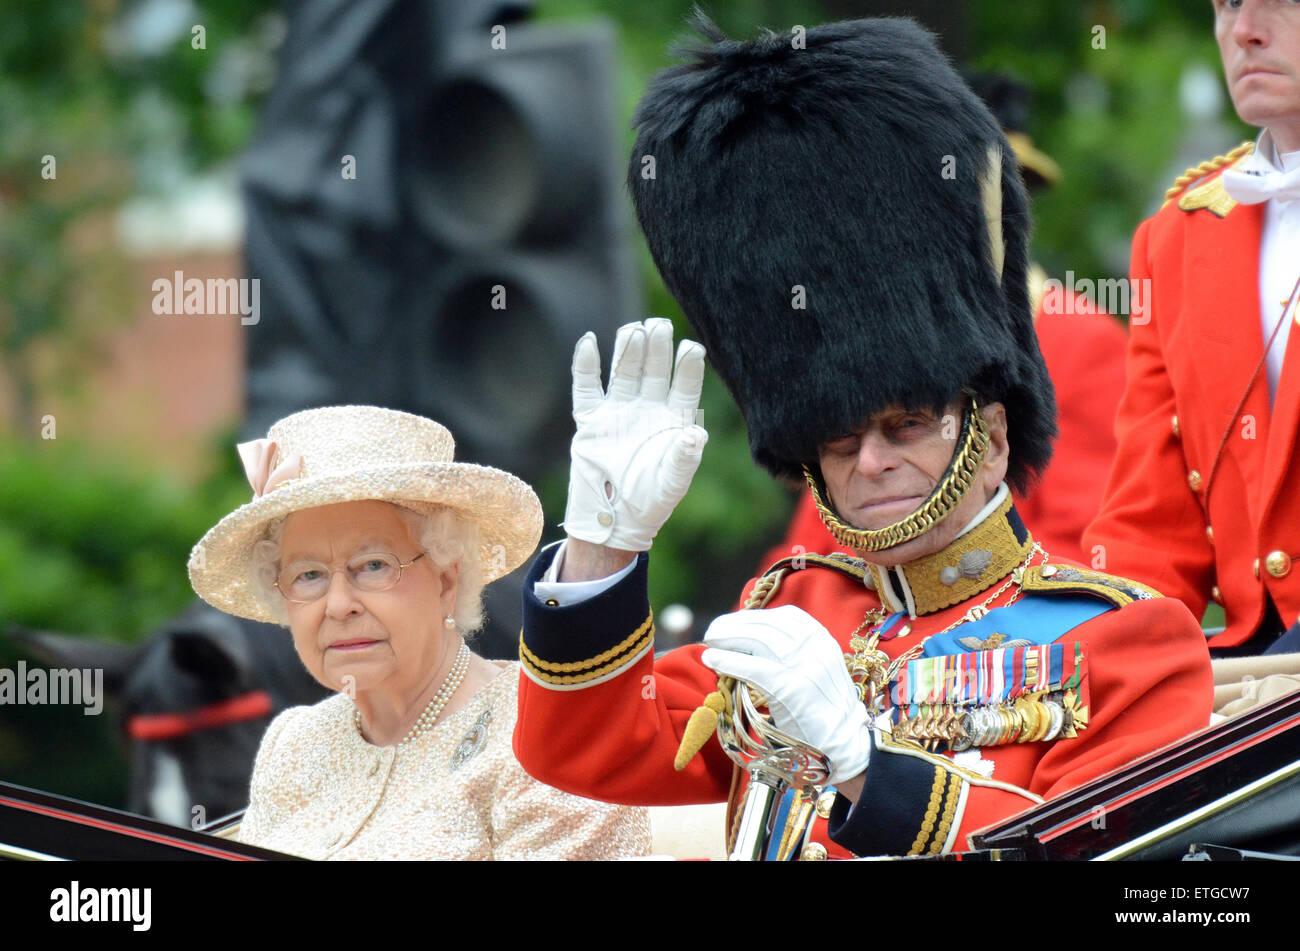 Königin und Prinz Philip. Trooping der Farbe in der Mall. London Stockbild